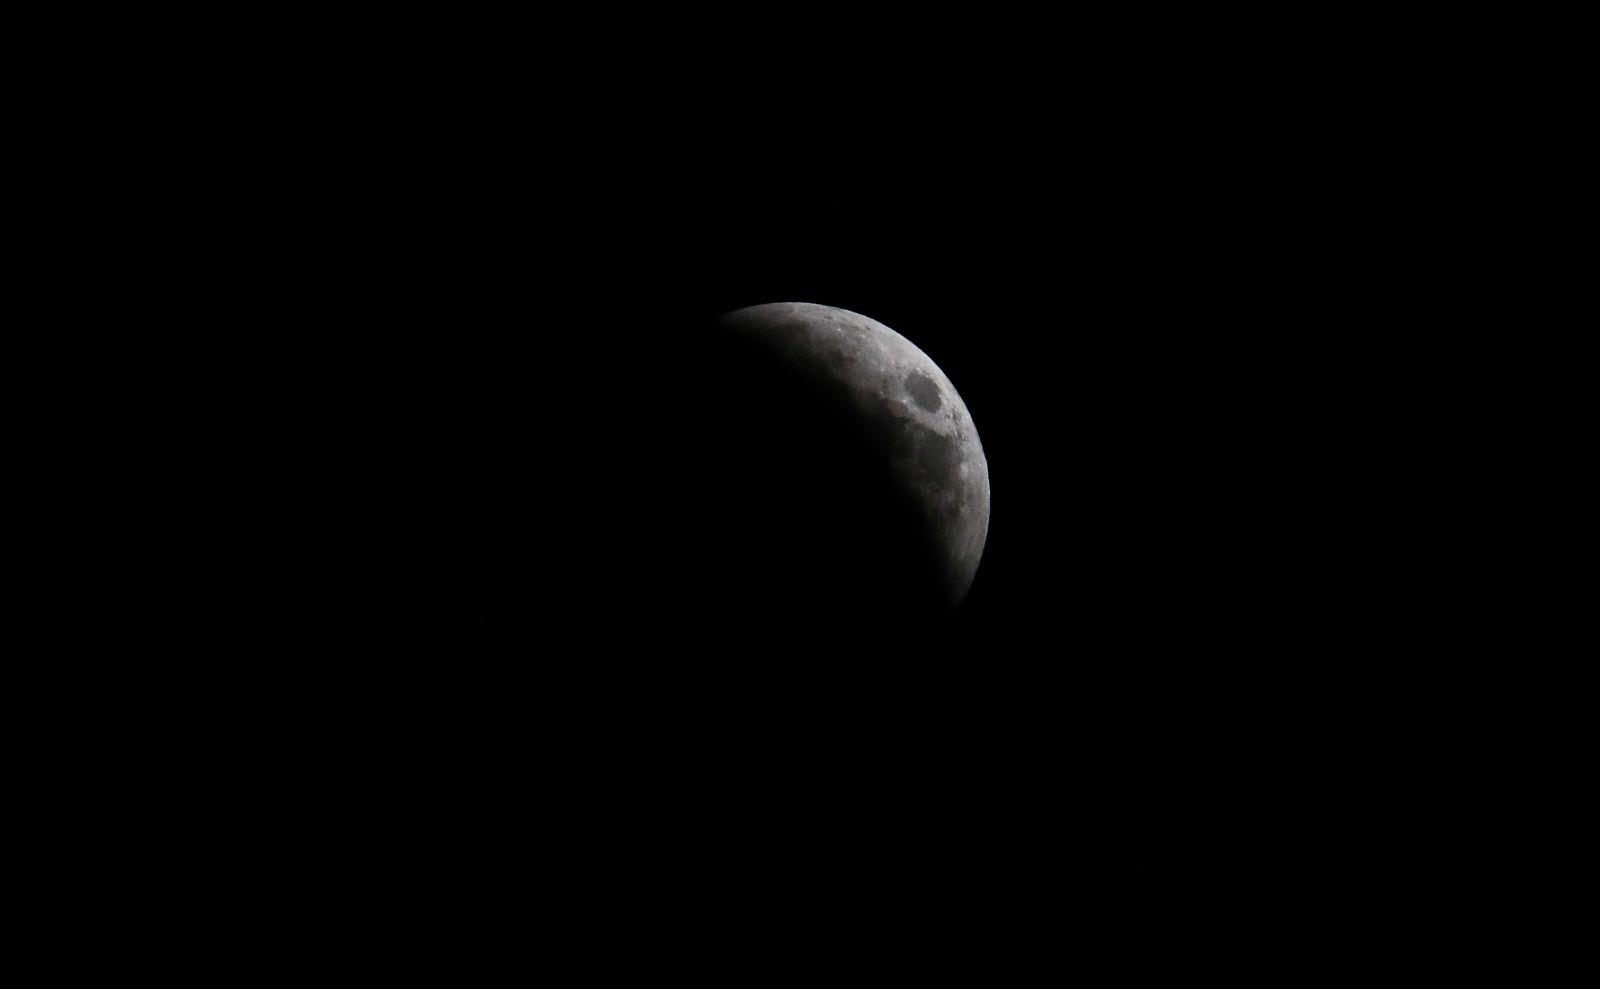 Ну что, посмотрели затмение? Для тех, кто проспал: фото